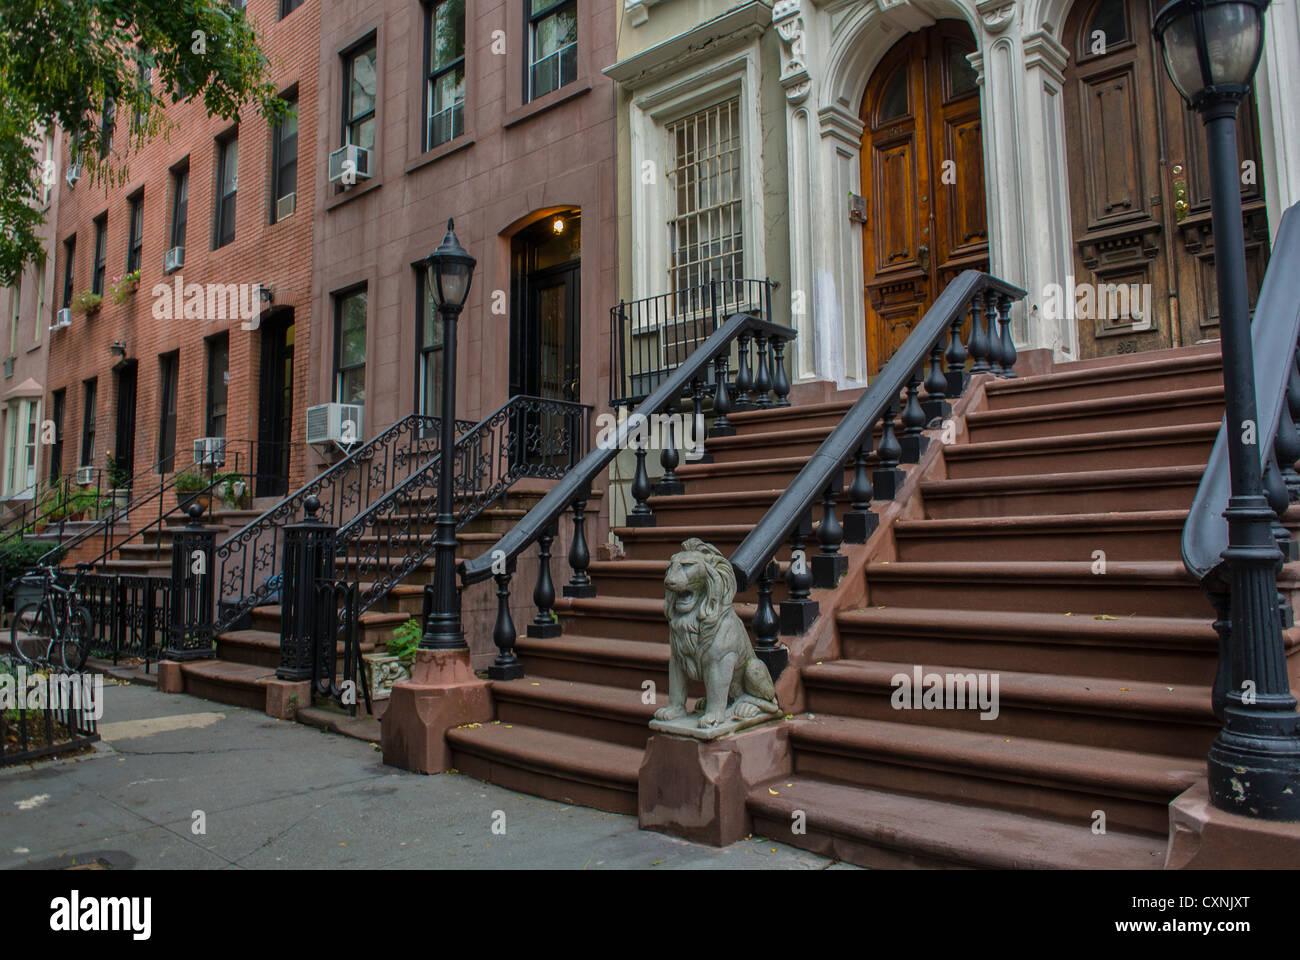 New York Ny Usa Historic Row Houses Brownstone